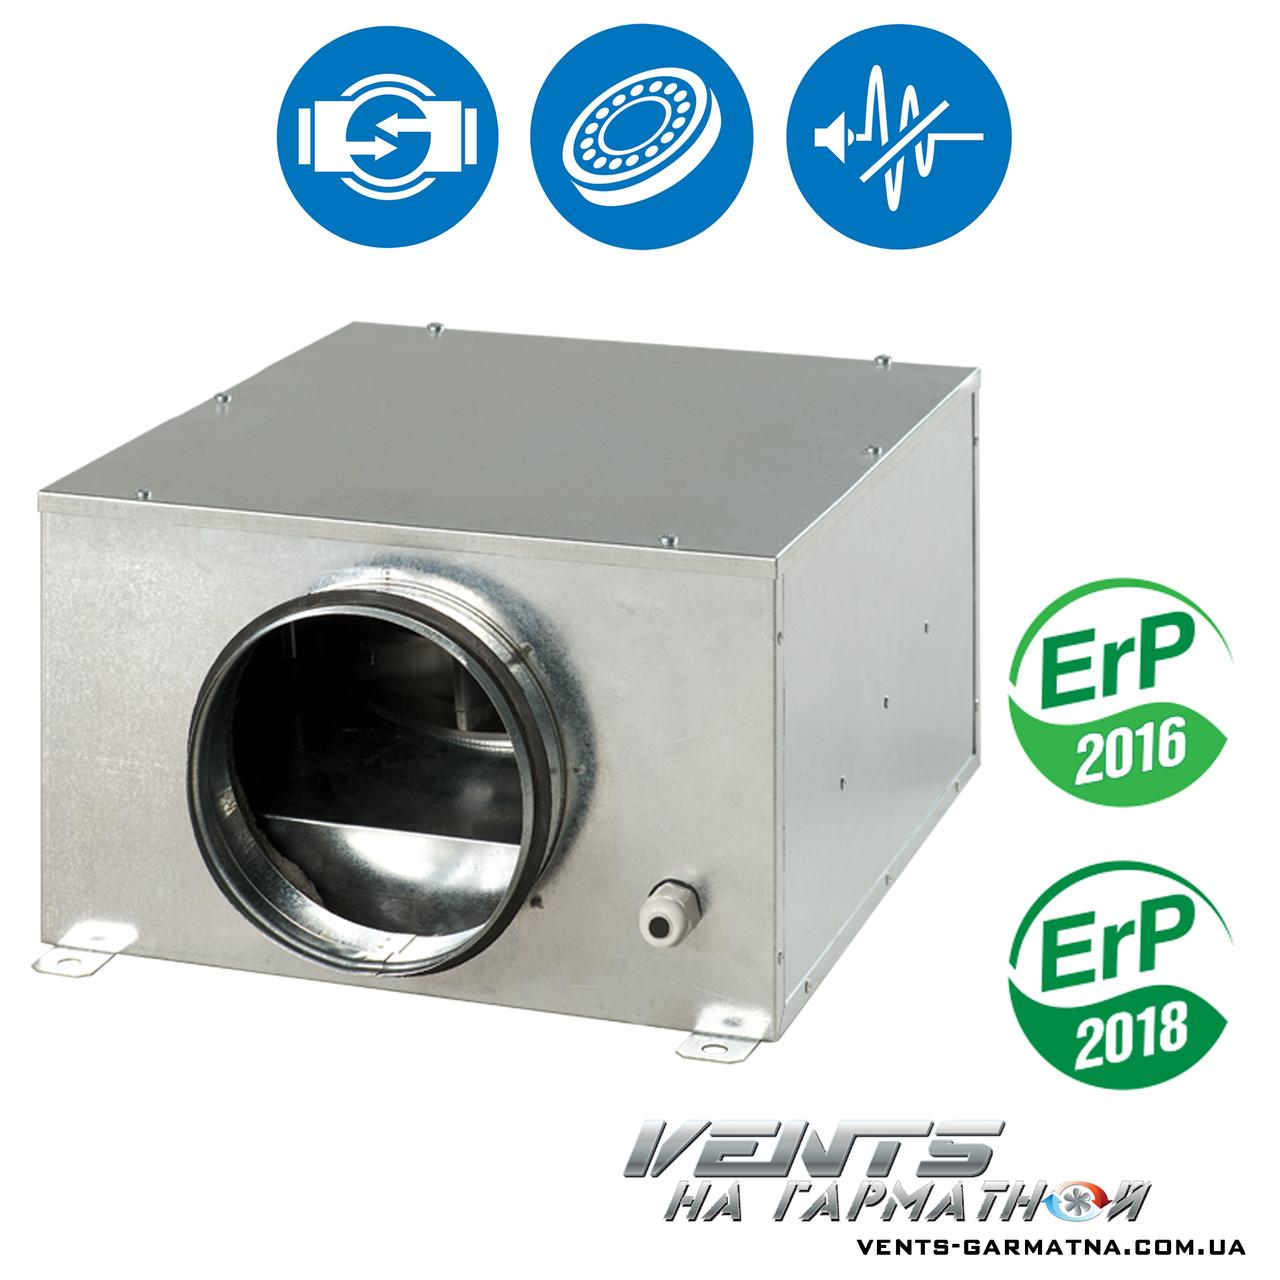 Вентс КСБ 200 С У. Шумоизолированный вентилятор с регулятором скорости и температуры